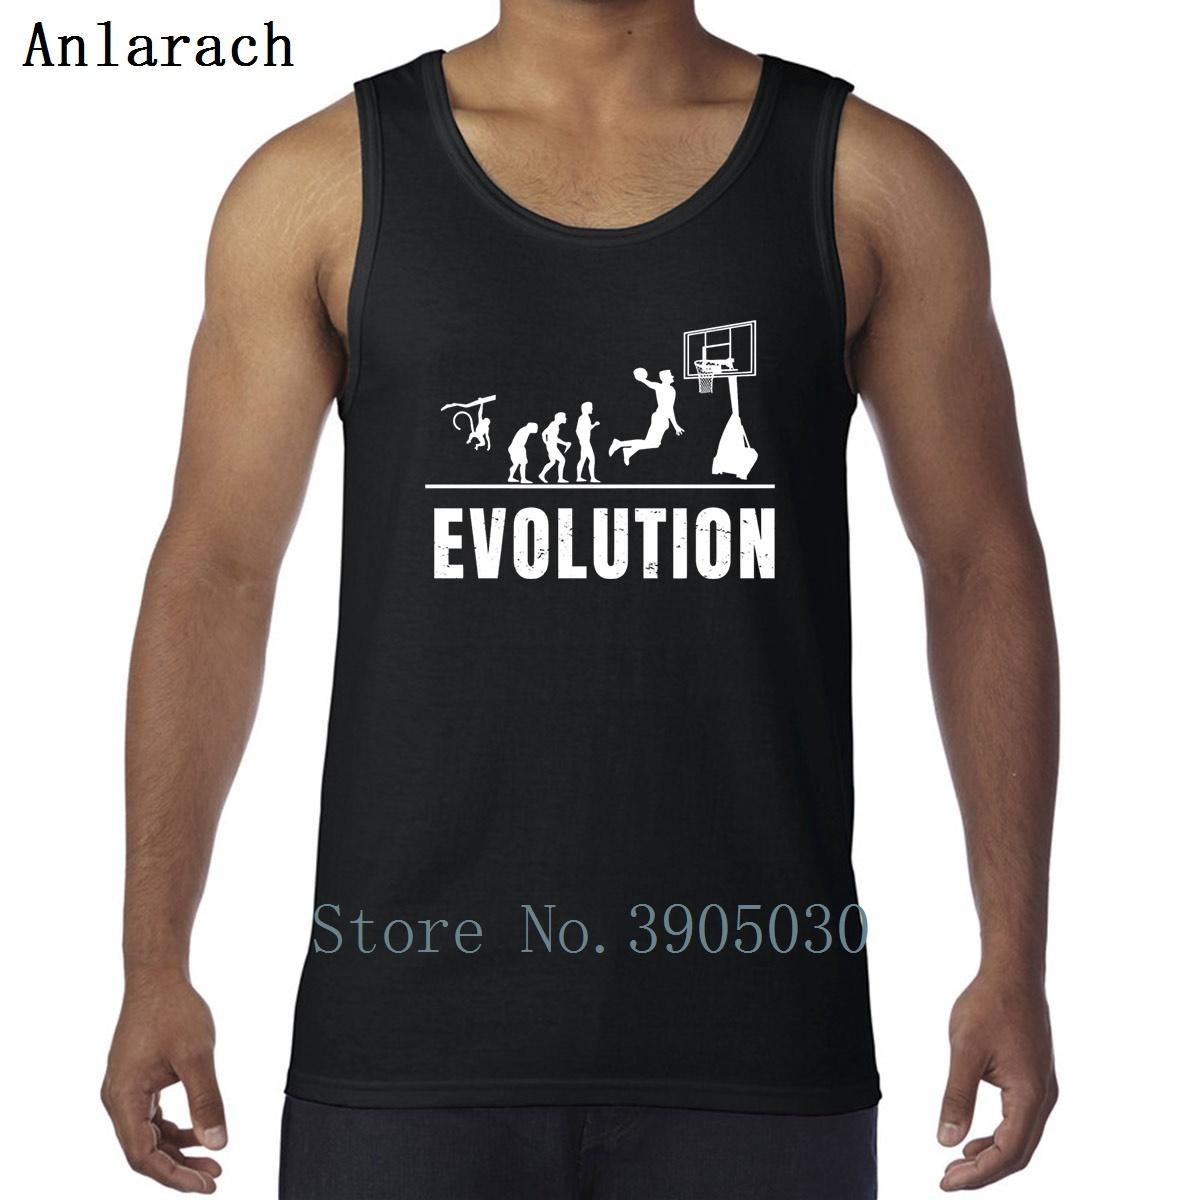 Pallacanestro Evolution Vest maschile Undershirt Crea girocollo Canotta For Men costruzione Lettera Sunlight Anlarach Carino